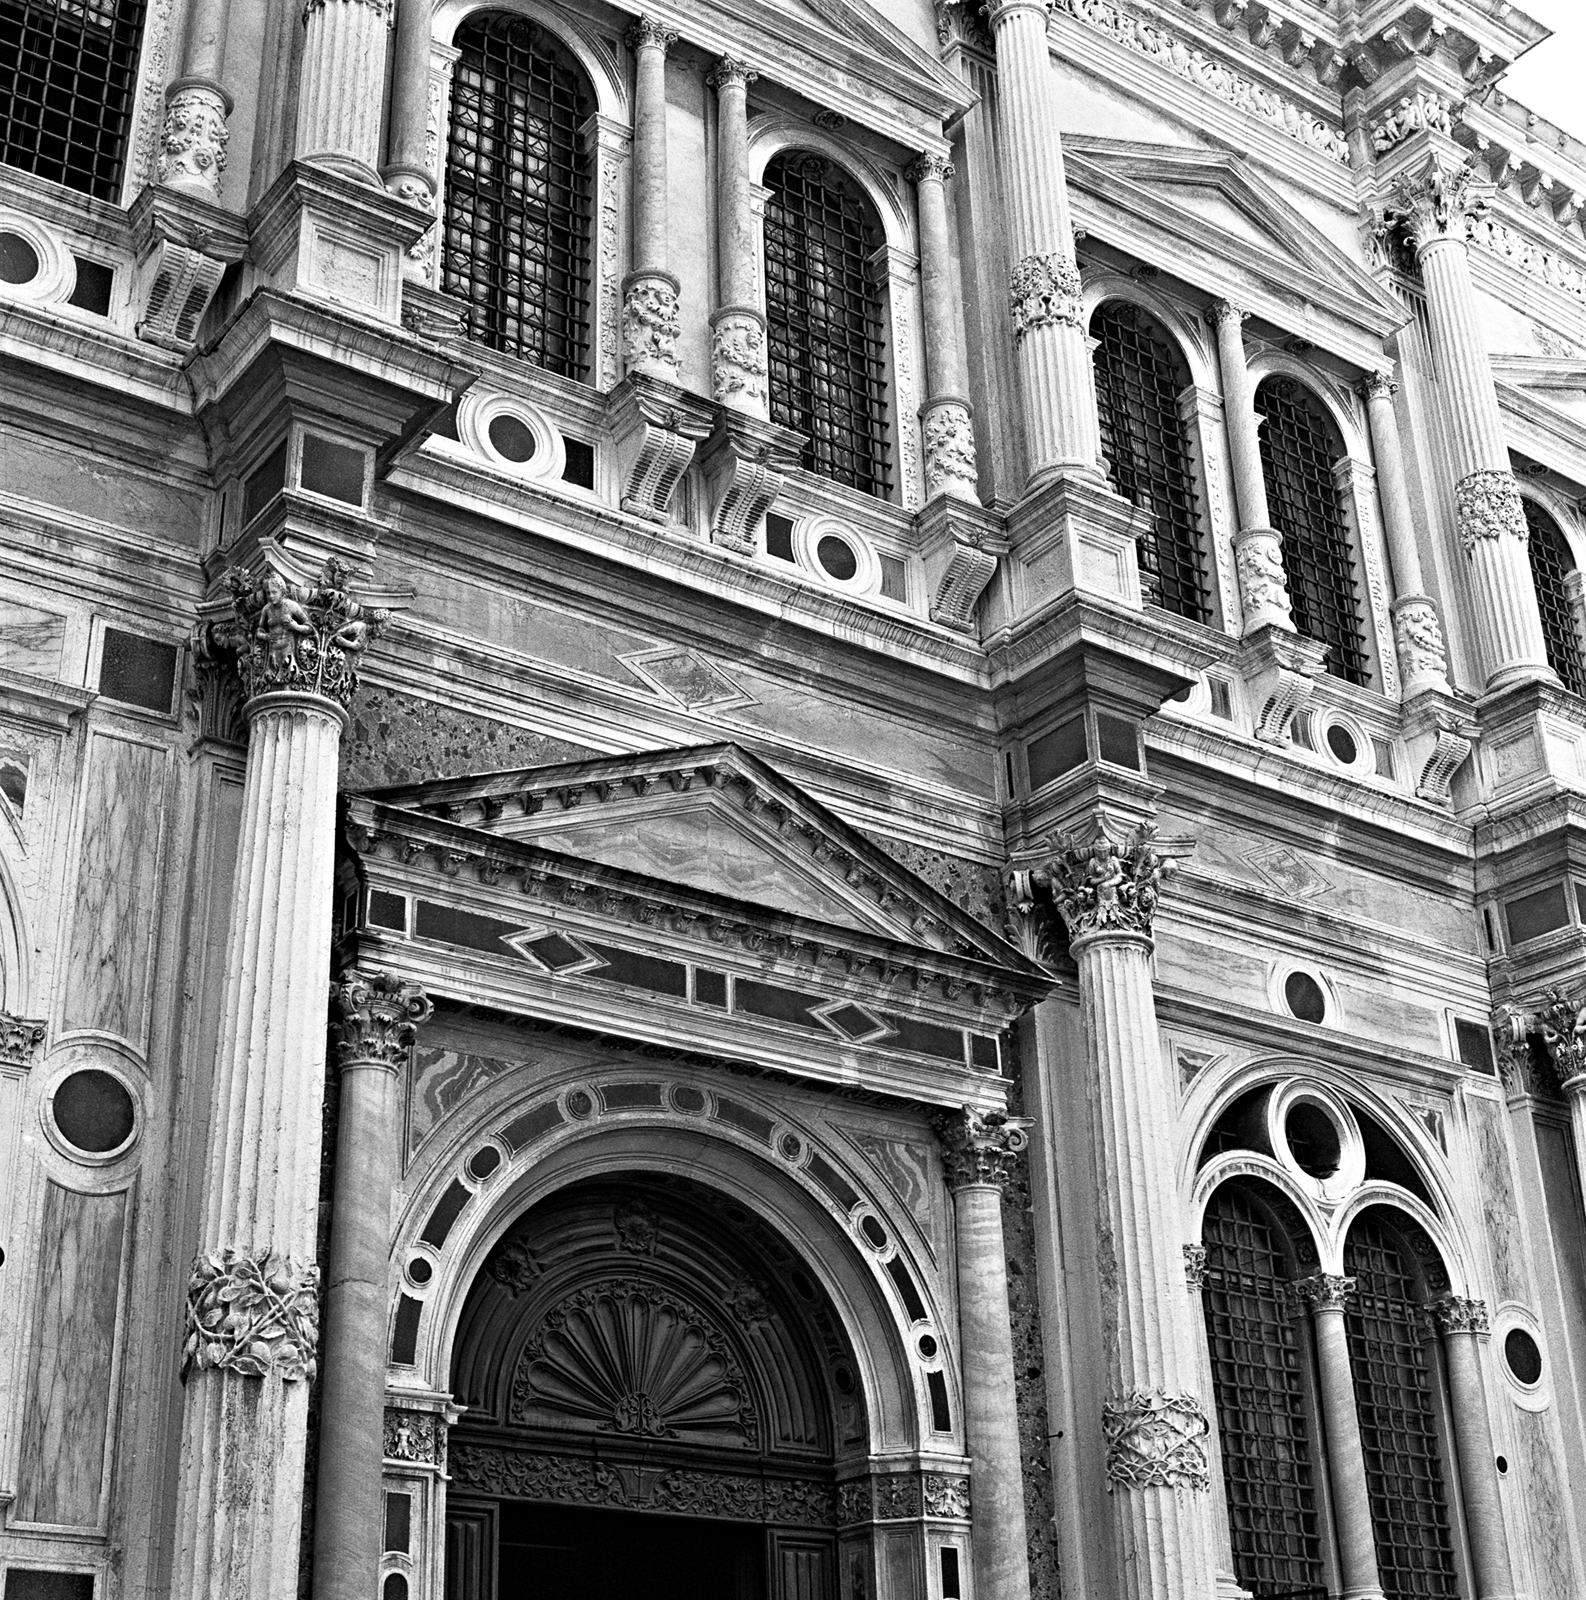 Venice-r10-004.jpg